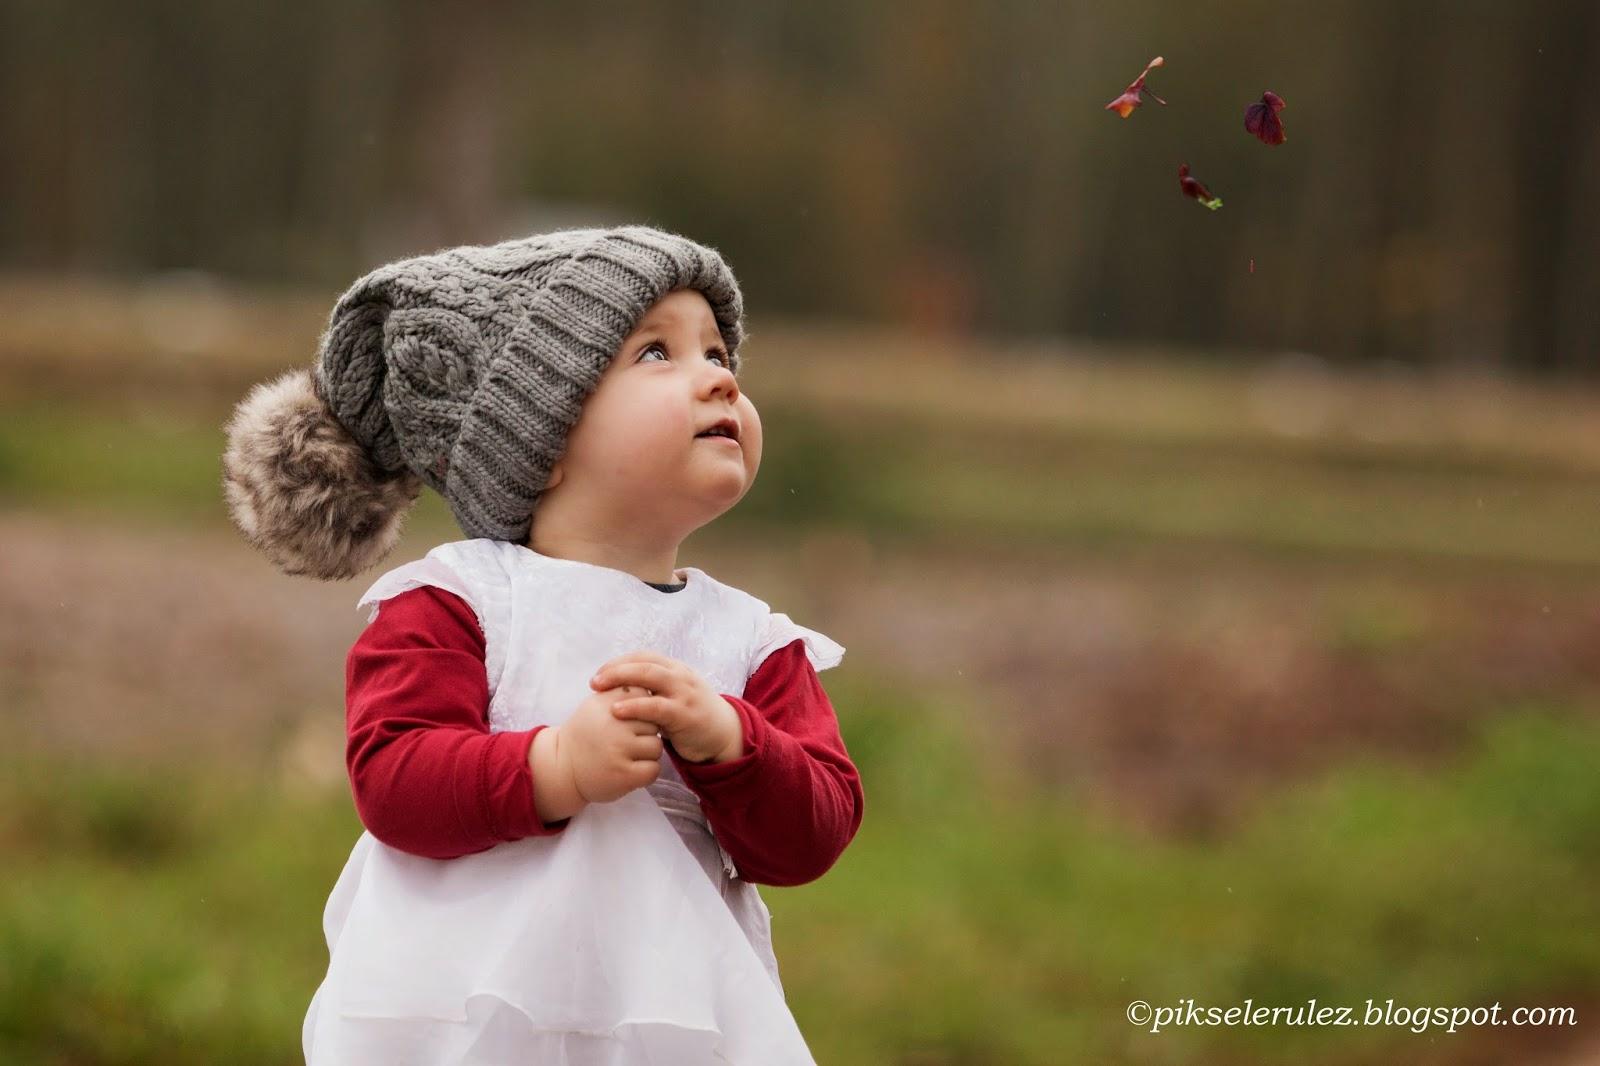 fotografia dziecięca, children photography, portraits, portret, dzieci, children, baby, people, Agata Raszke, pikselerulez, Poland, Bory Tucholskie